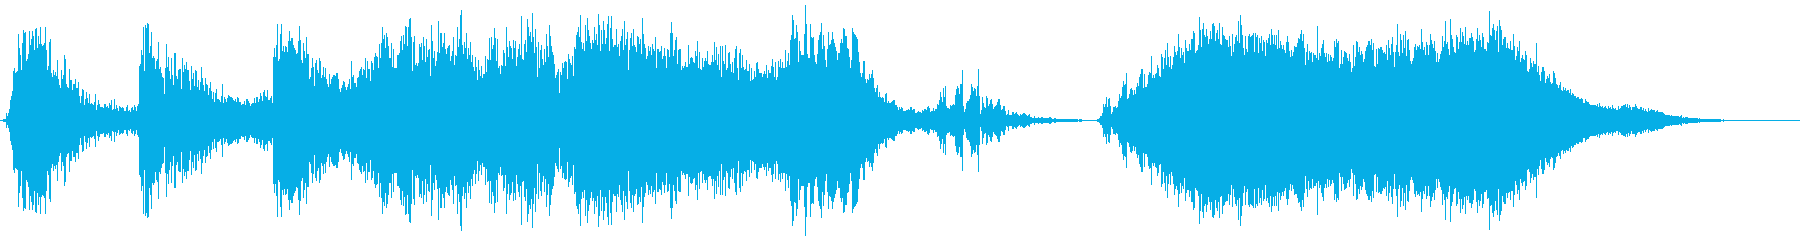 【ダークシンセ】 サウンドスケープ 不安の再生済みの波形